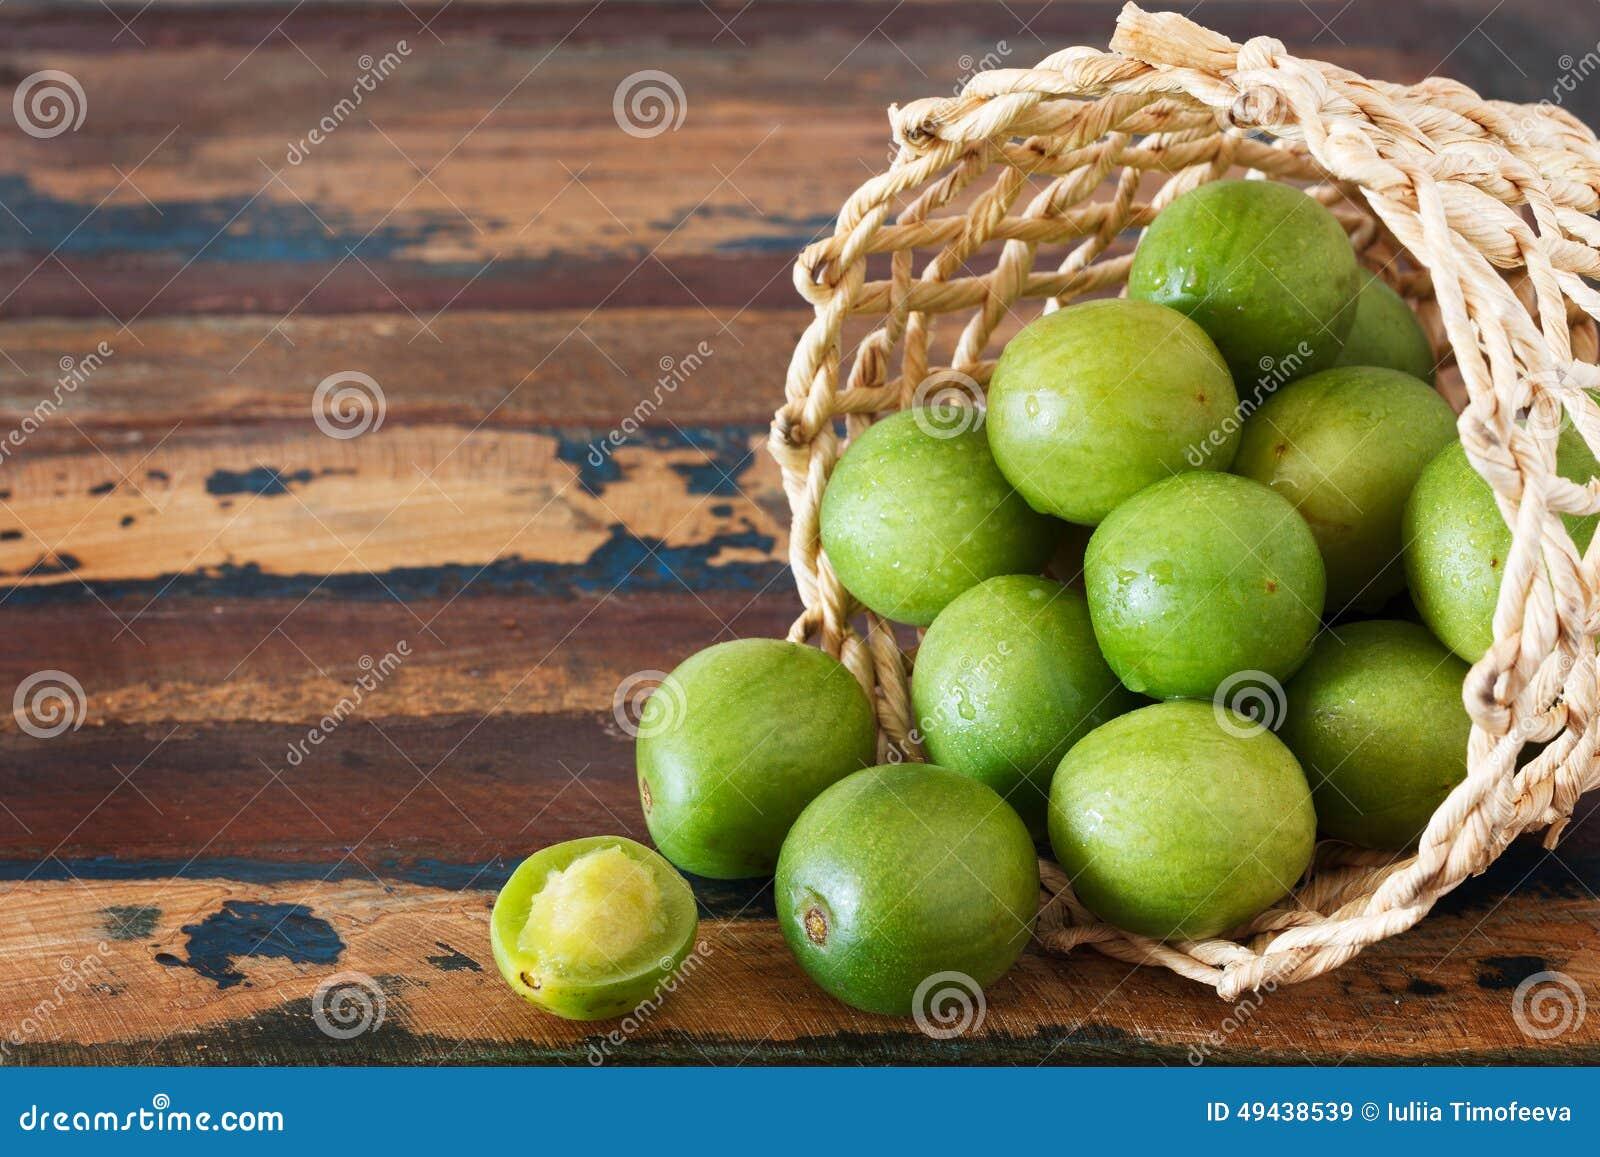 巴西果子热带母果tuberosa (巴西李子,umbu, imbu)在柳条筐 选择聚焦